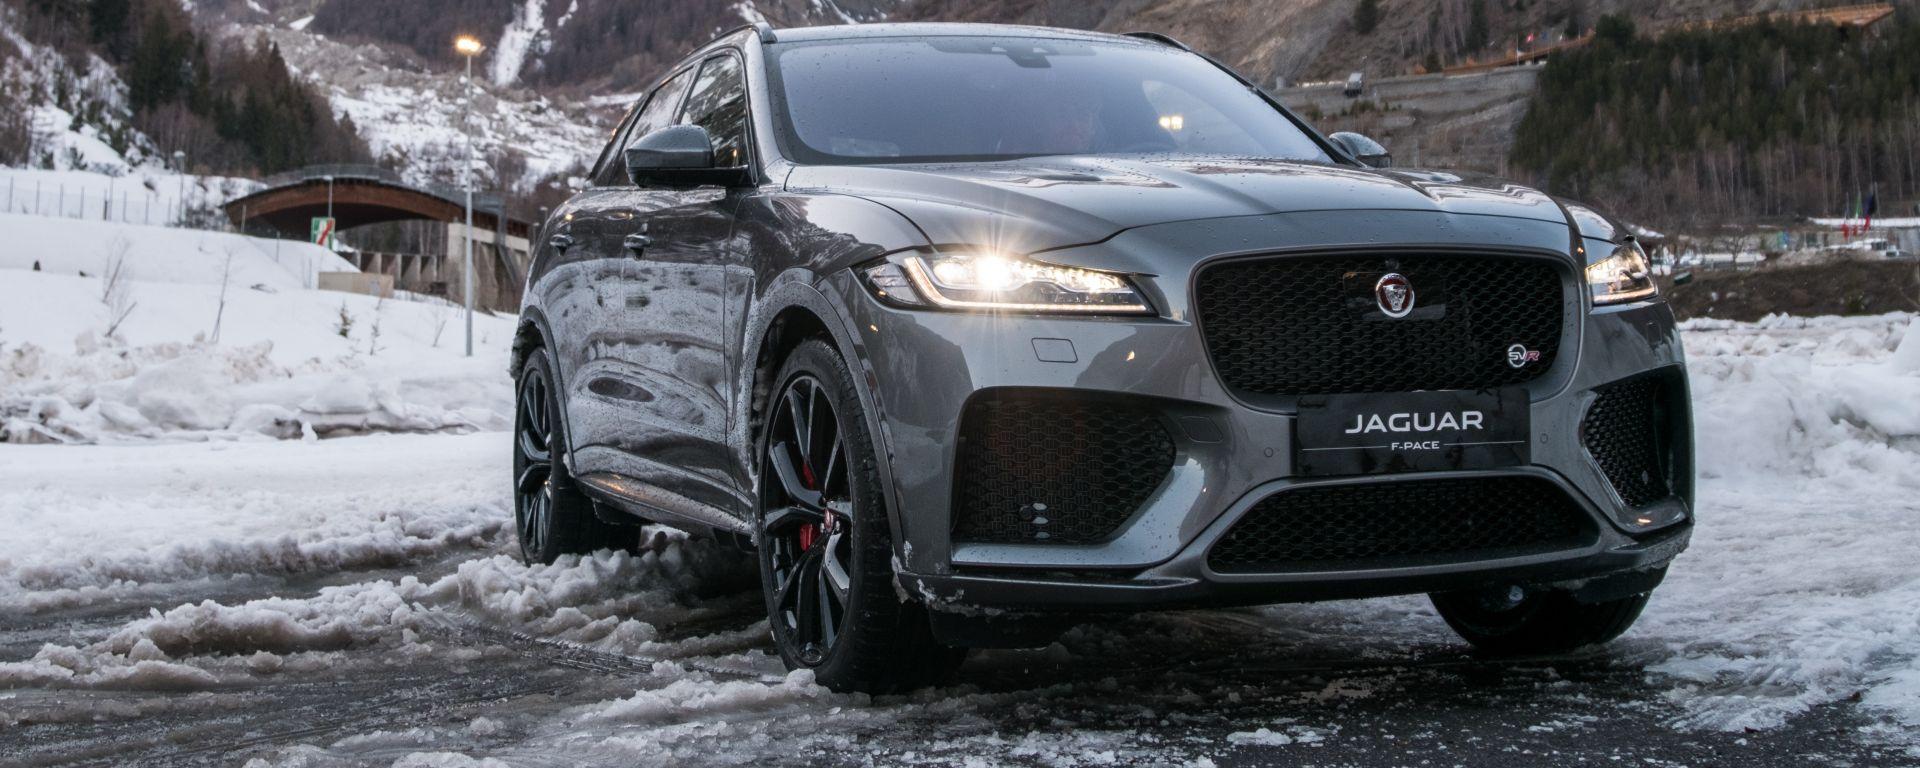 Jaguar F Pace 2019: upgrade per interni e adas ma la SVR...